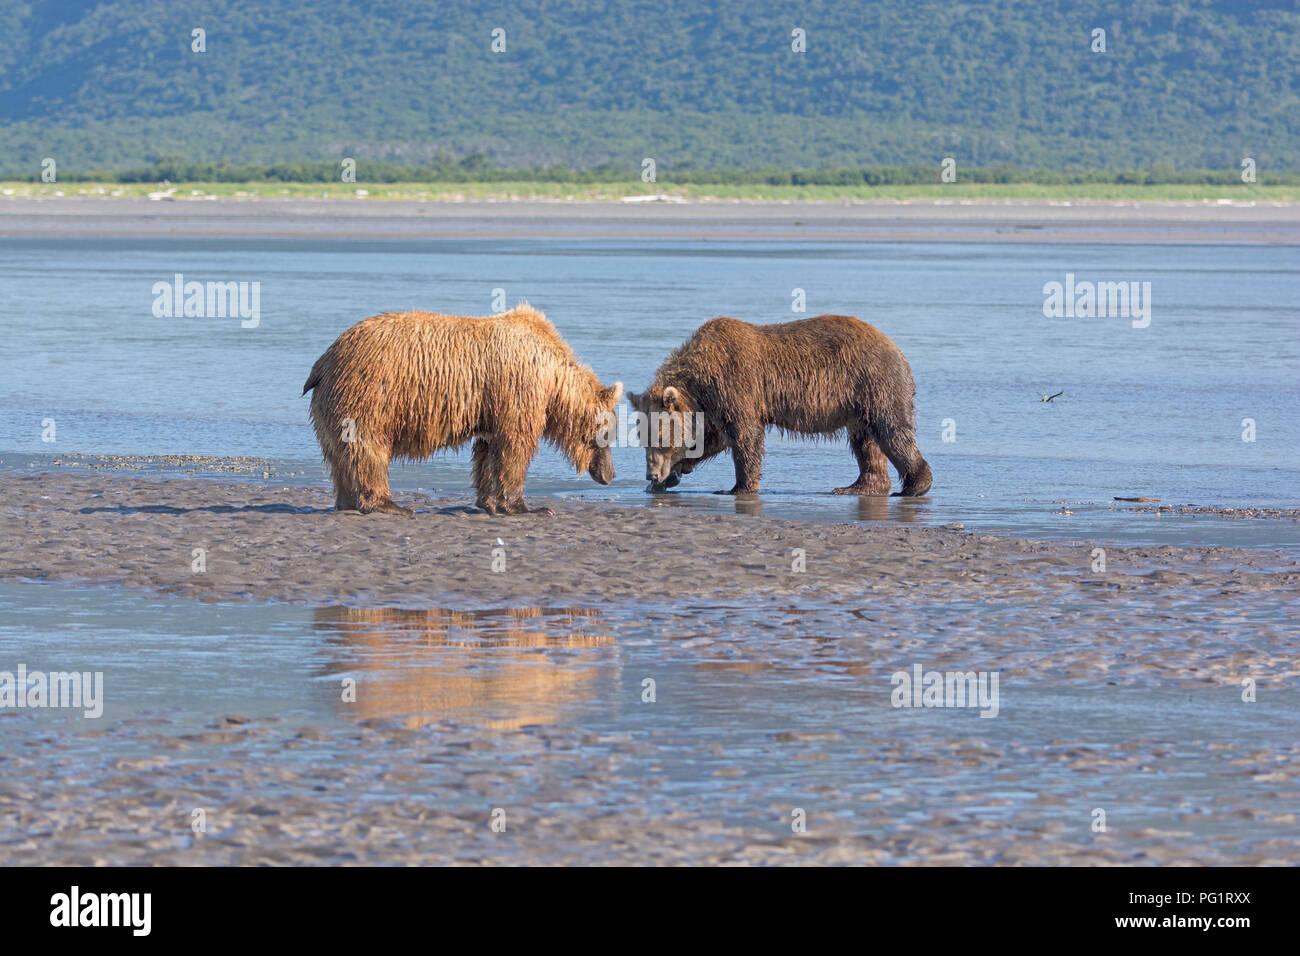 Tragen Konfrontation in der Wildnis in Hallo Bay im Katmai National Park in Alaska Stockbild